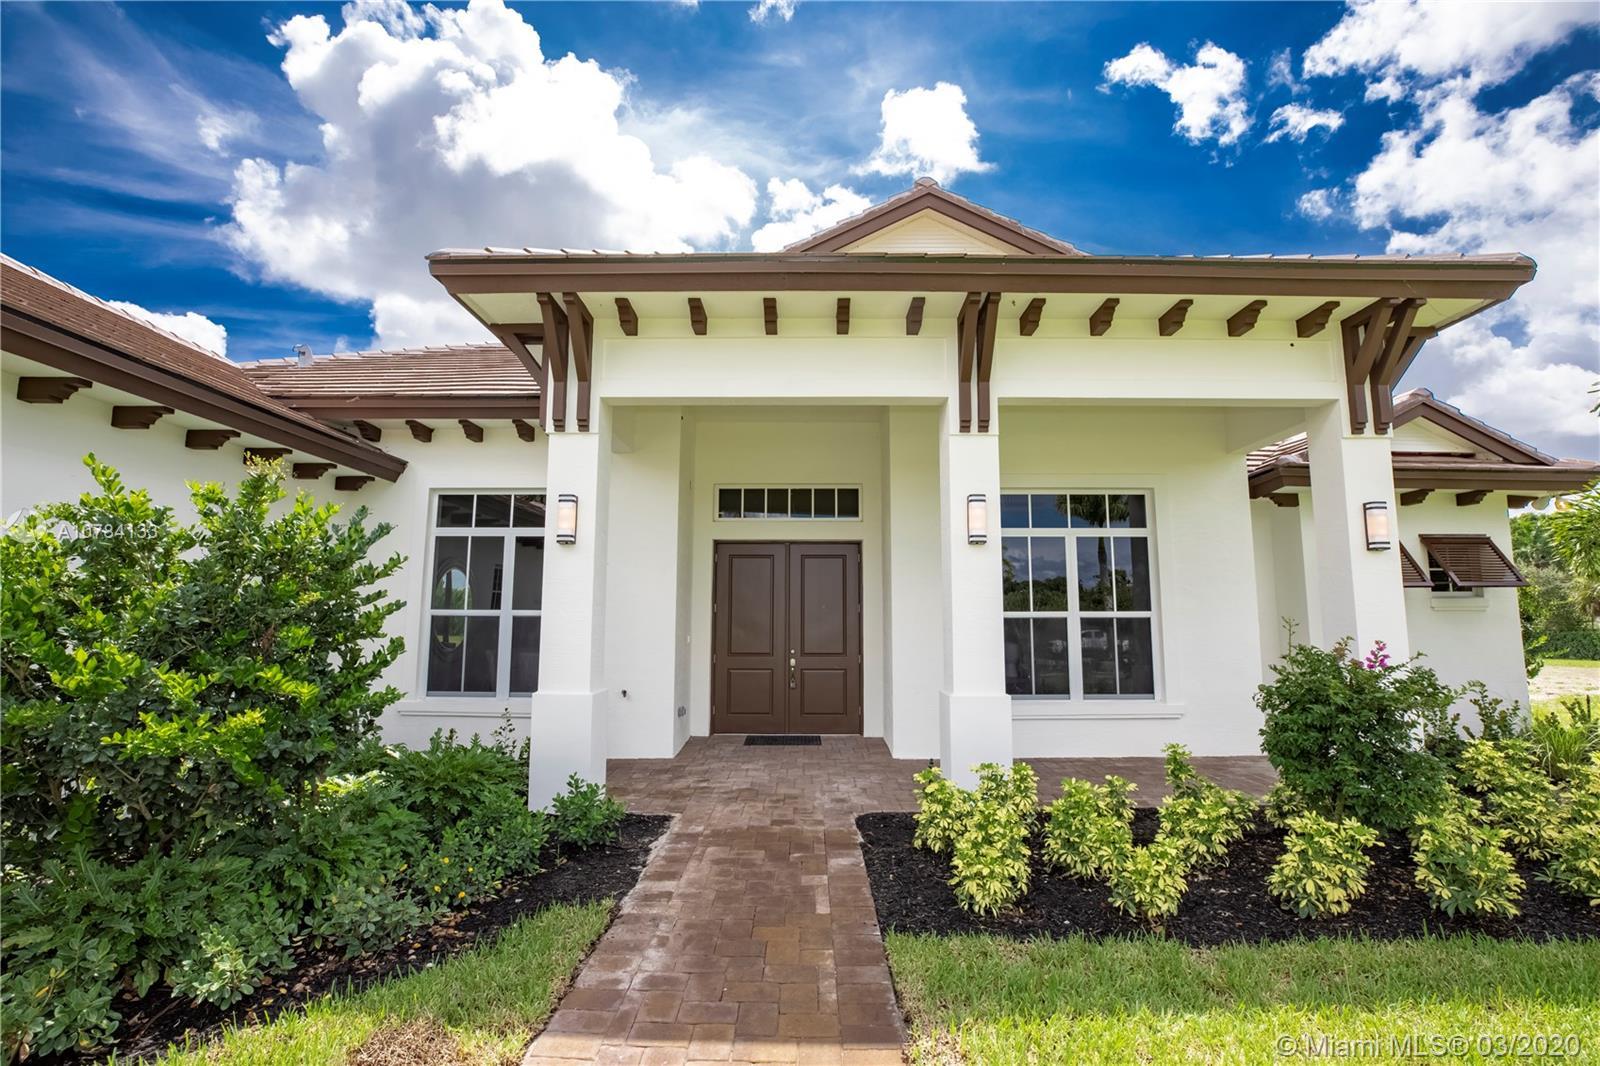 7348 Sisken Ter, Lake Worth, FL 33463 - Lake Worth, FL real estate listing